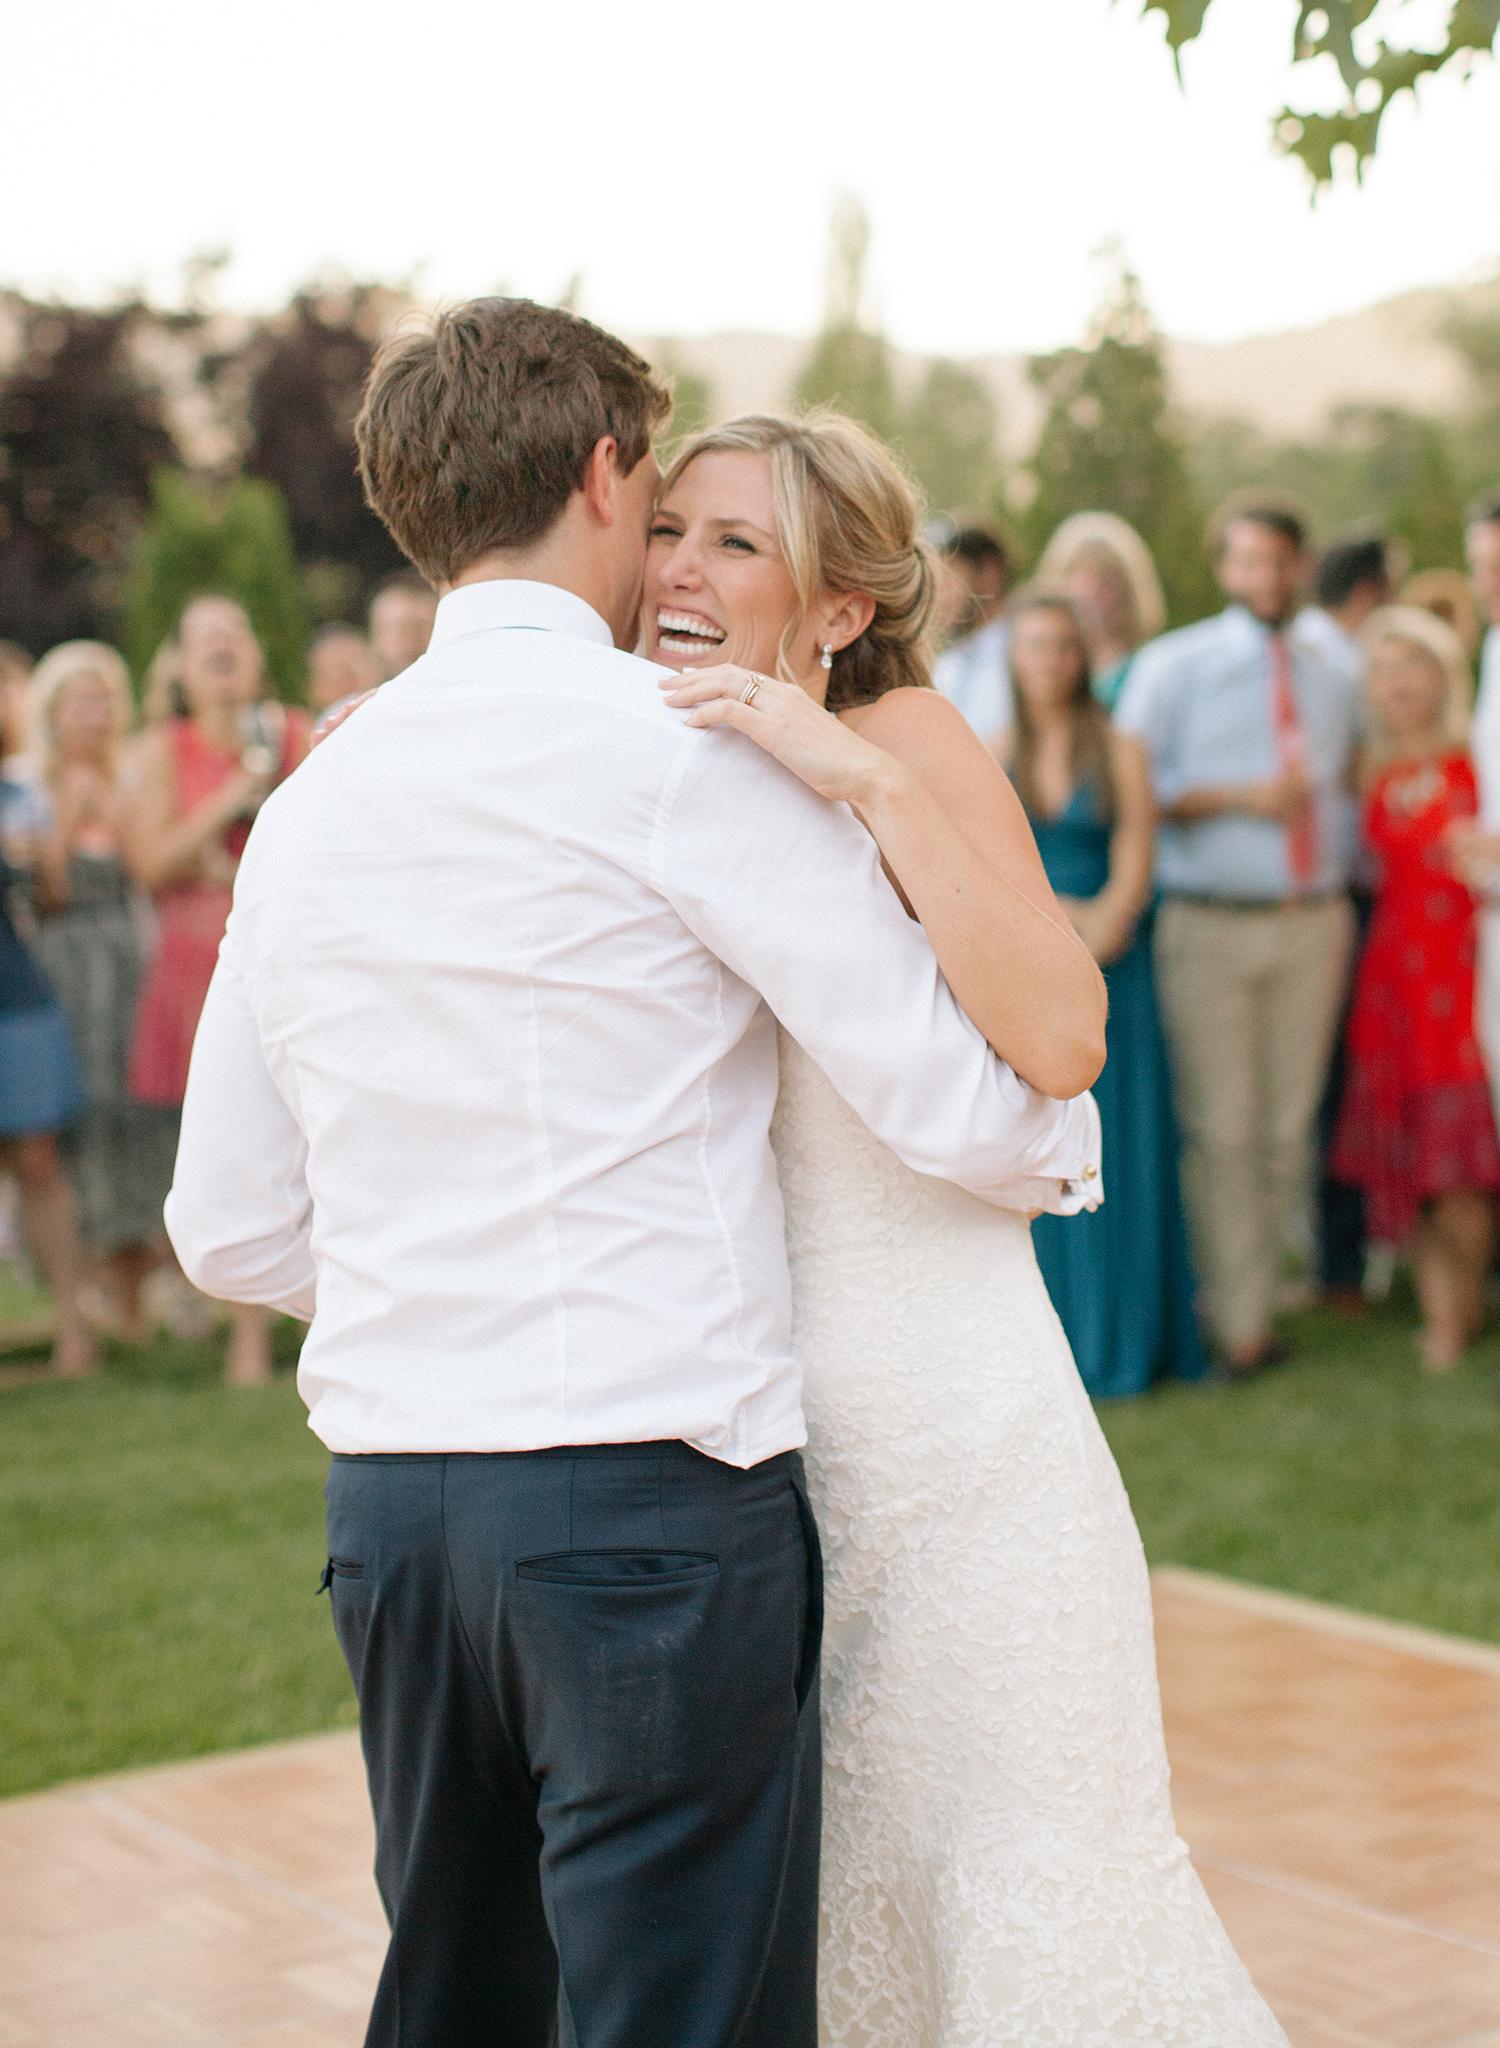 47-bride-groom-first-dance.jpg